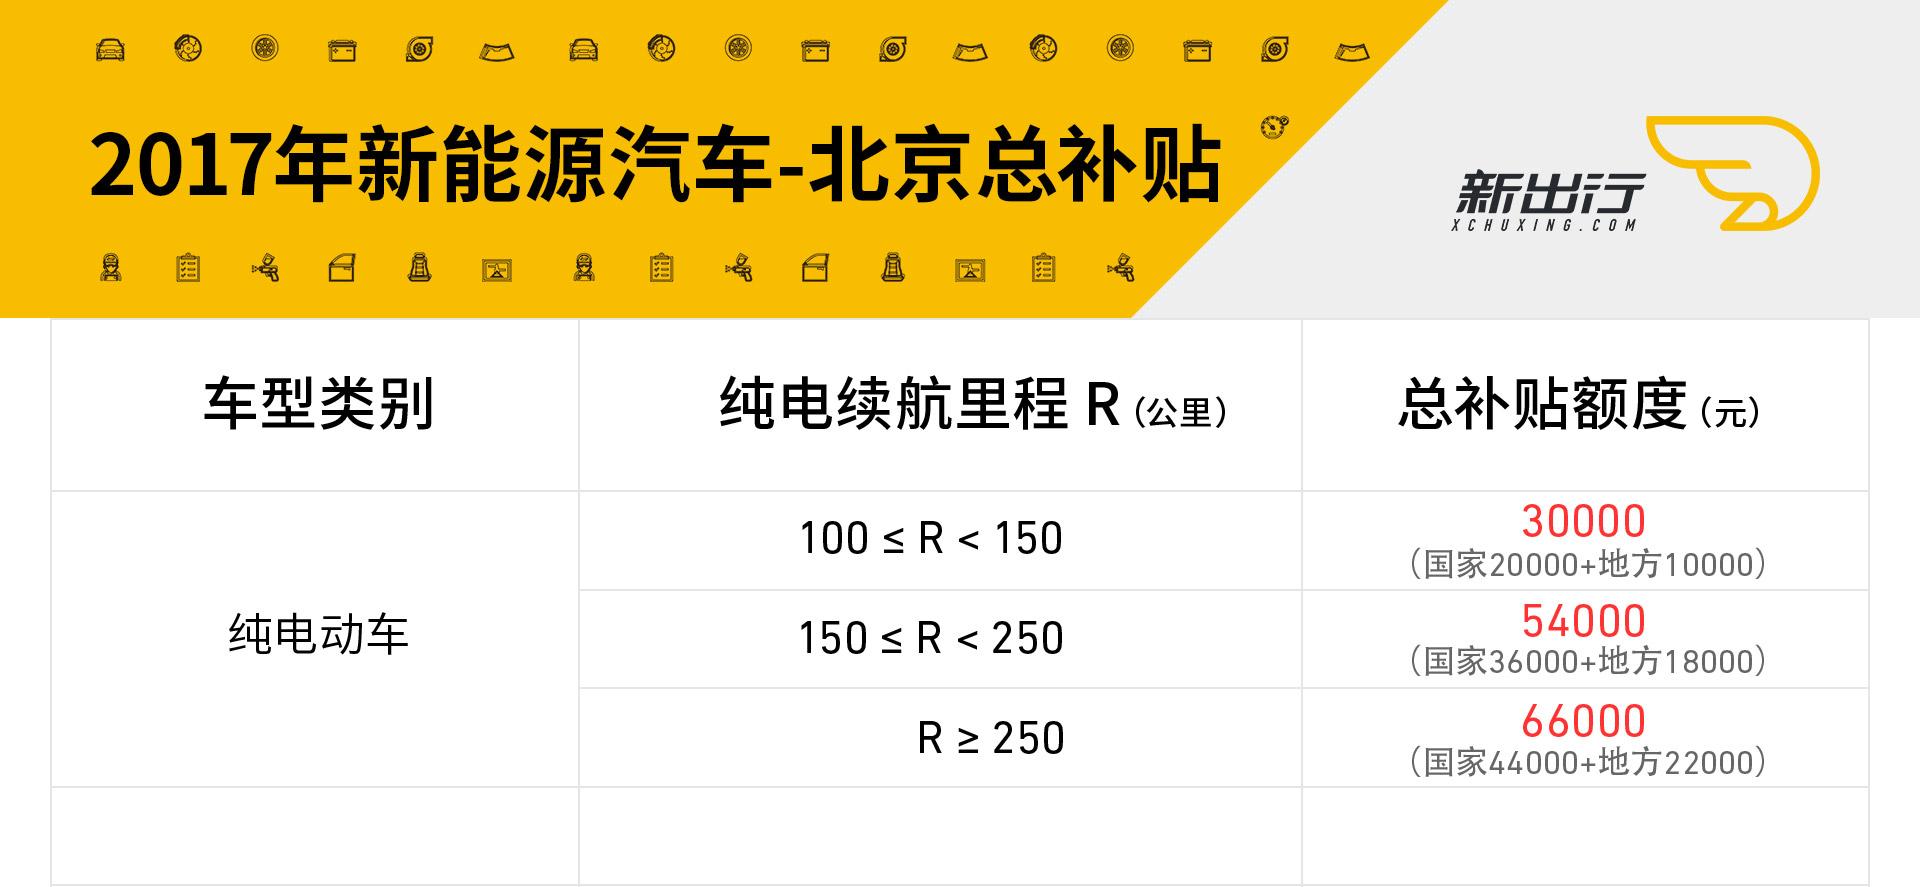 北京地区总补贴.jpg